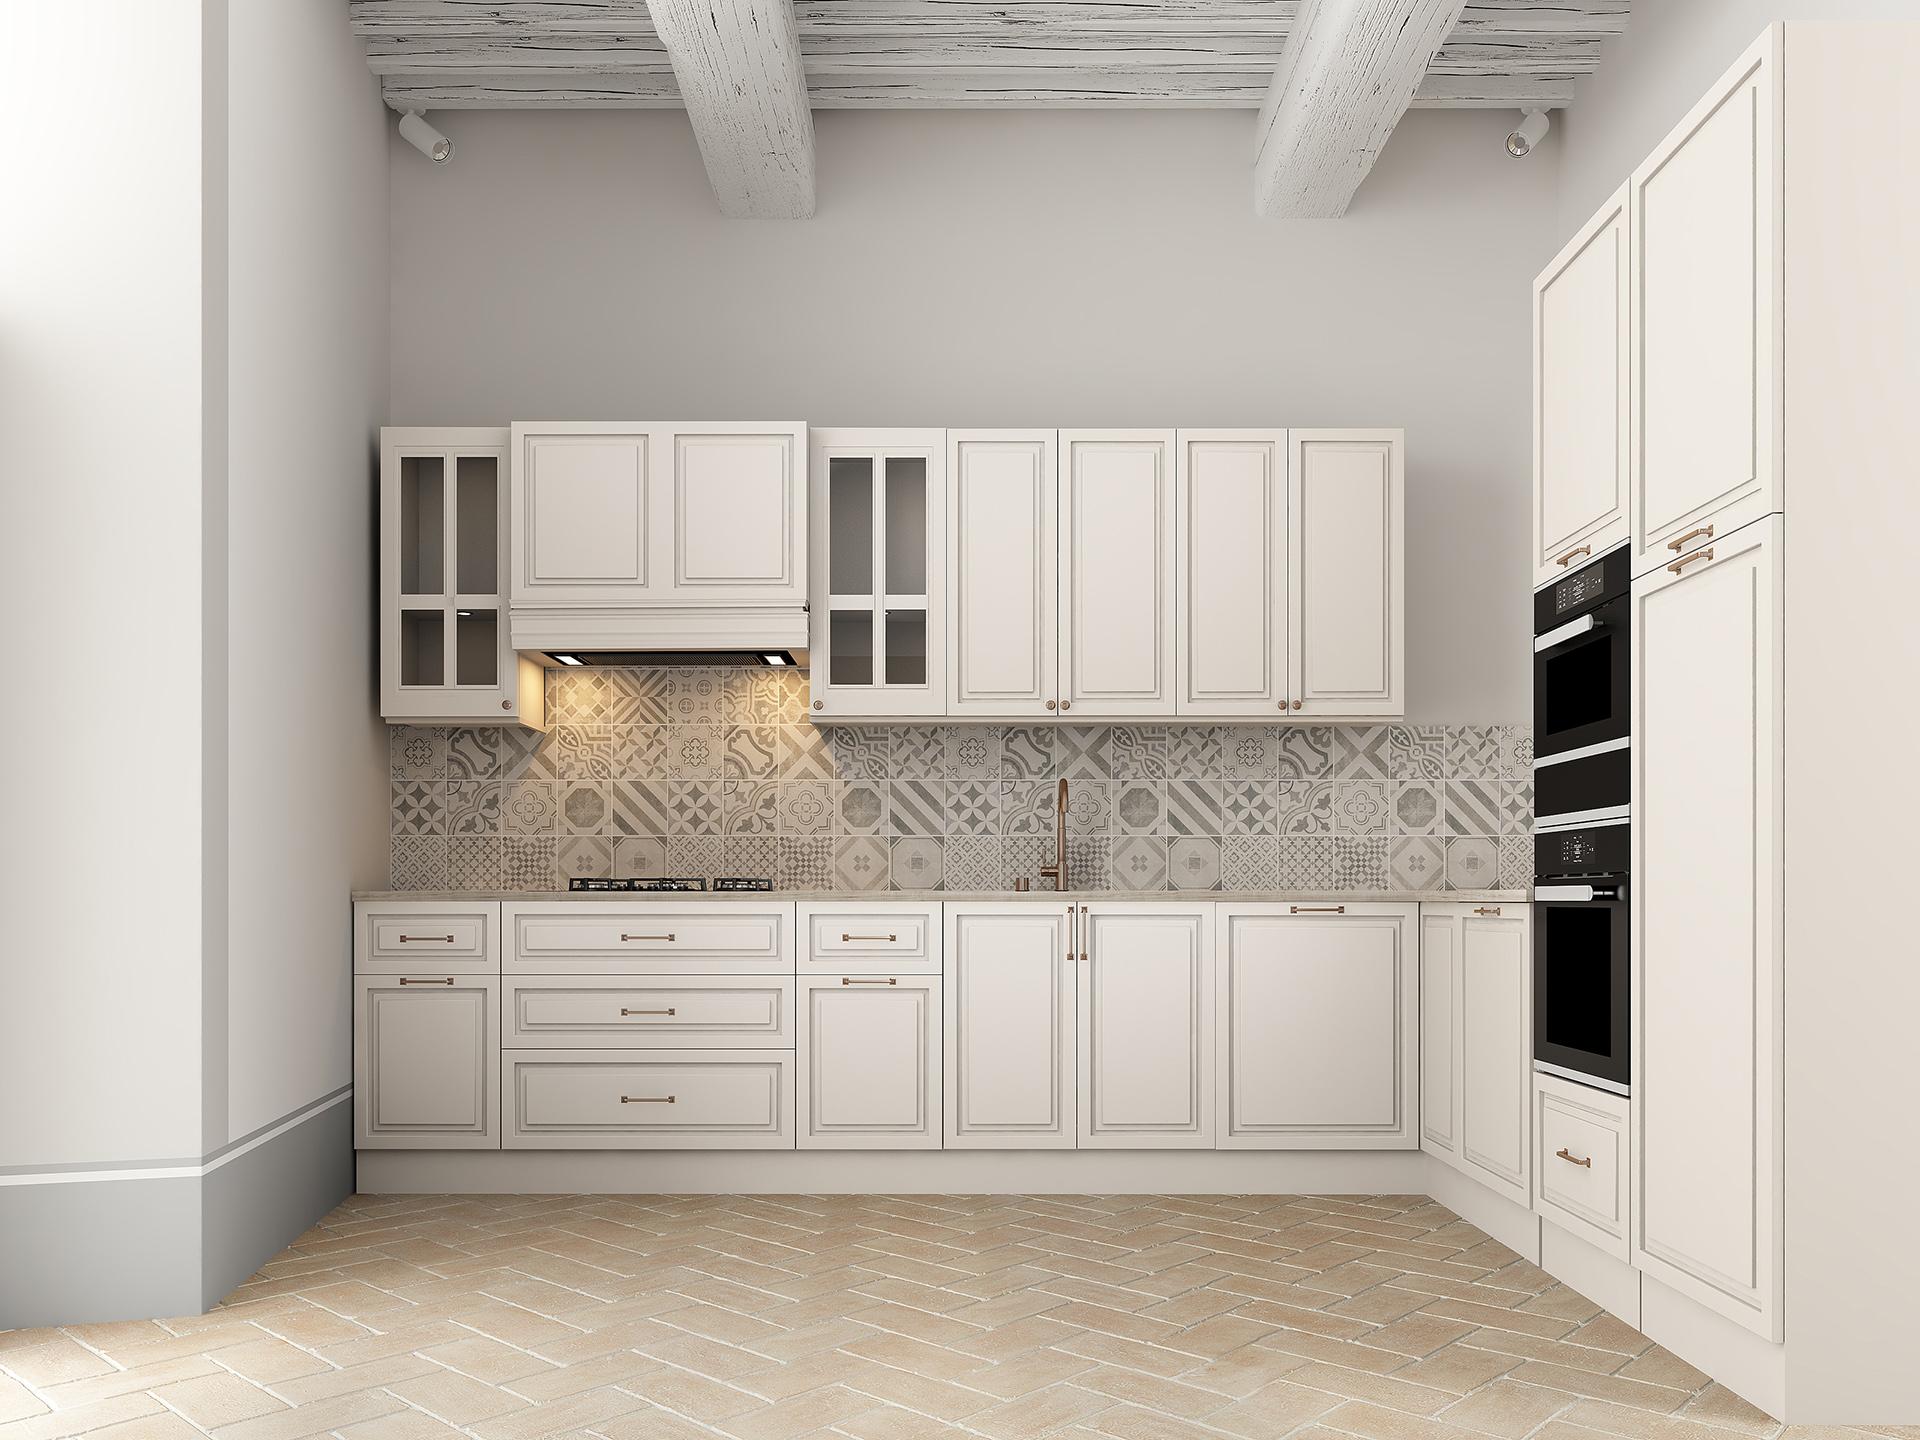 rendering fotorealistico dell'area cucina di Palazzo San Michele, progettato da Francesco Aureli